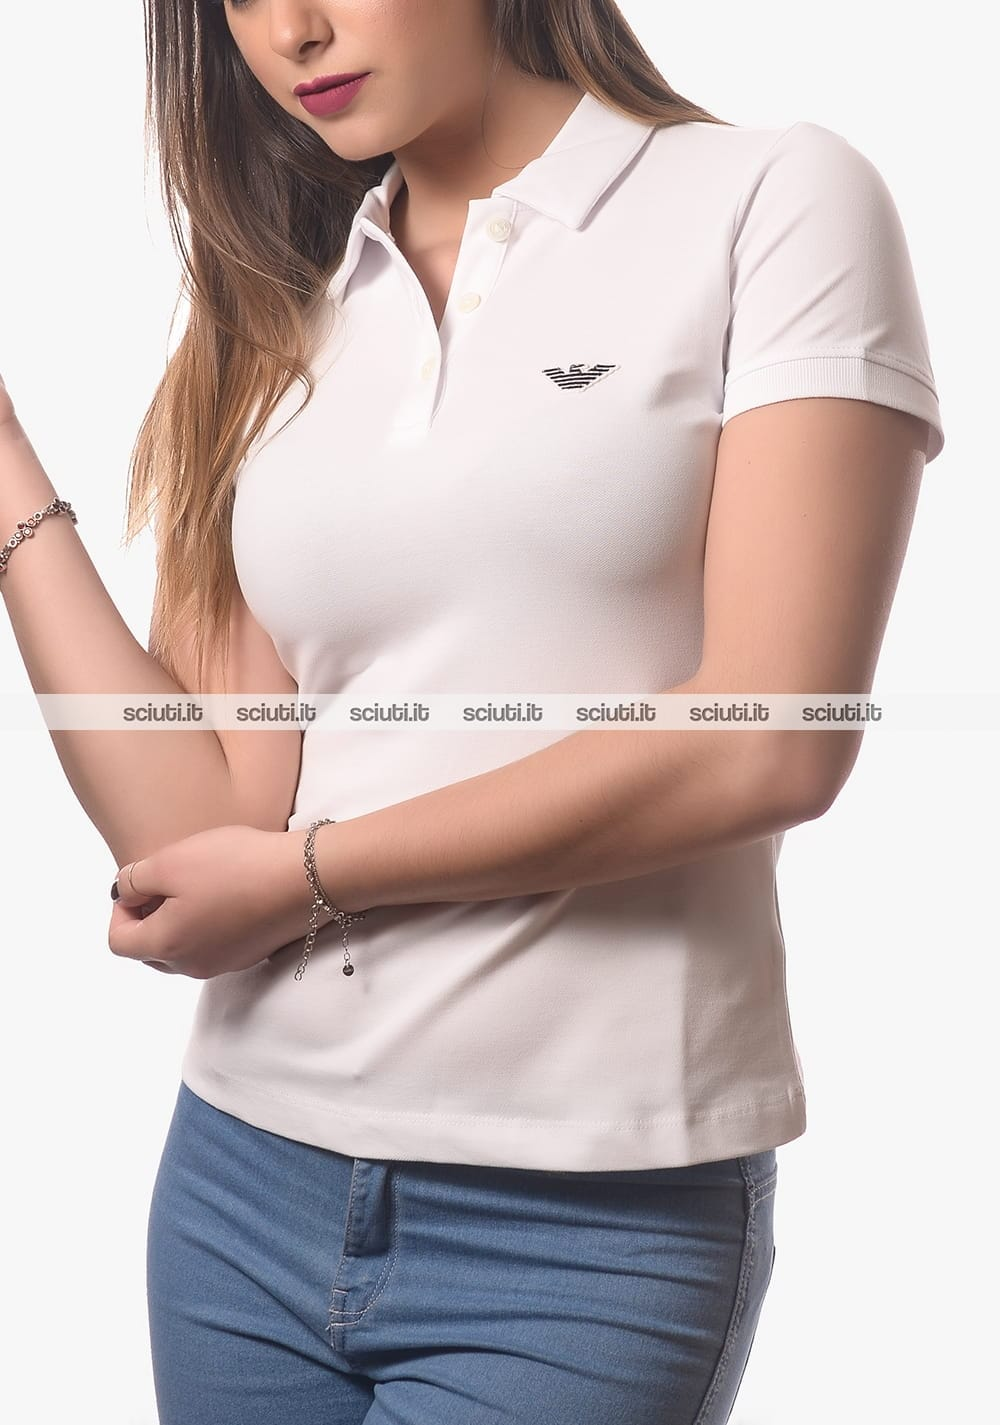 armani jeans borse prezzo, Armani Jeans Polo Bianco Ottico